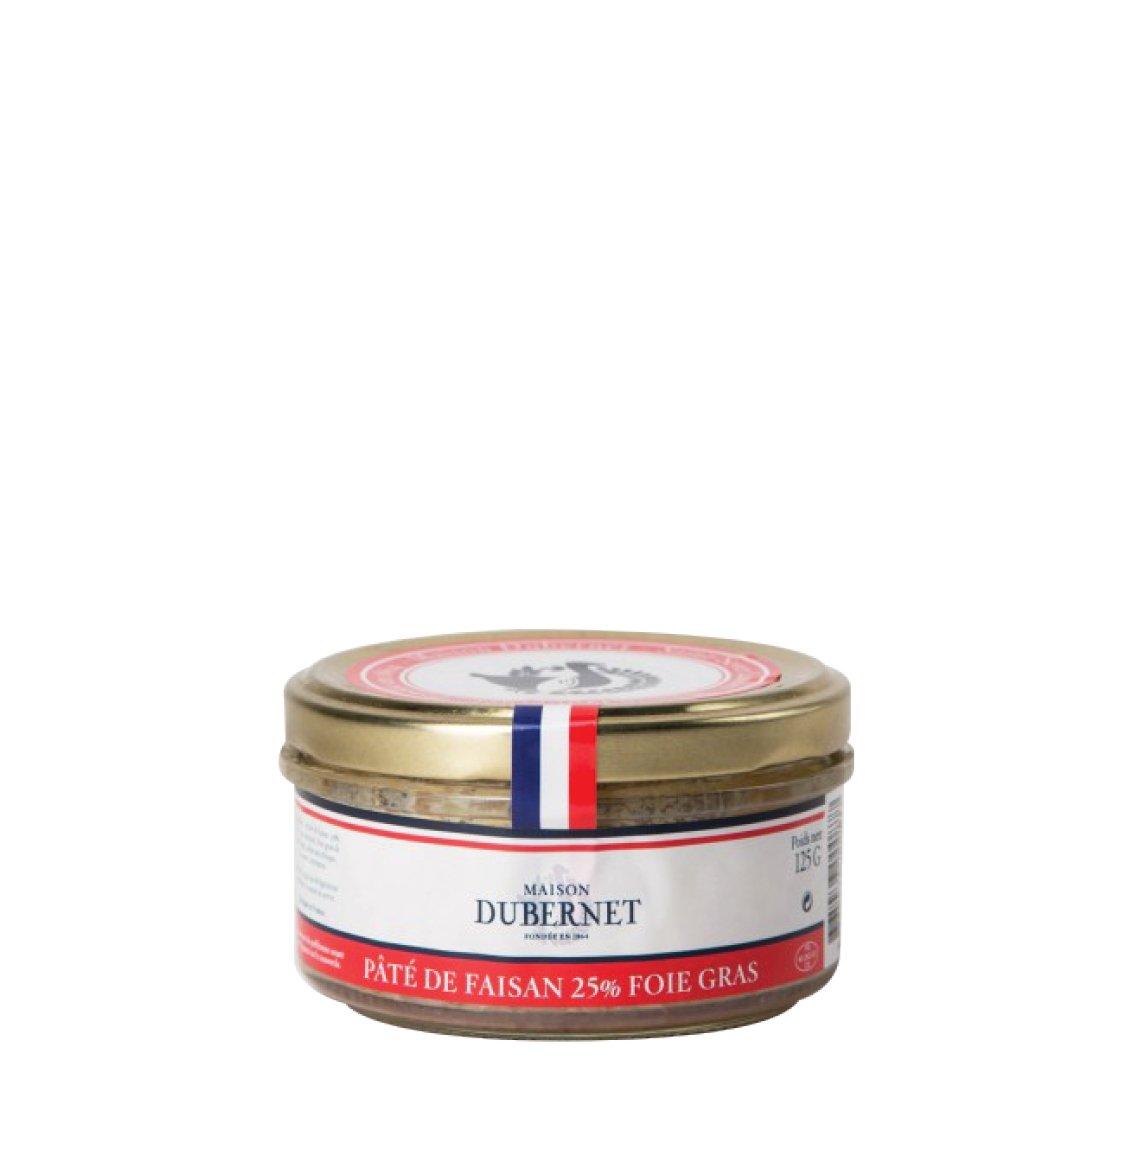 Maison Dubernet Pheasant Pate with Foie Gras 125g